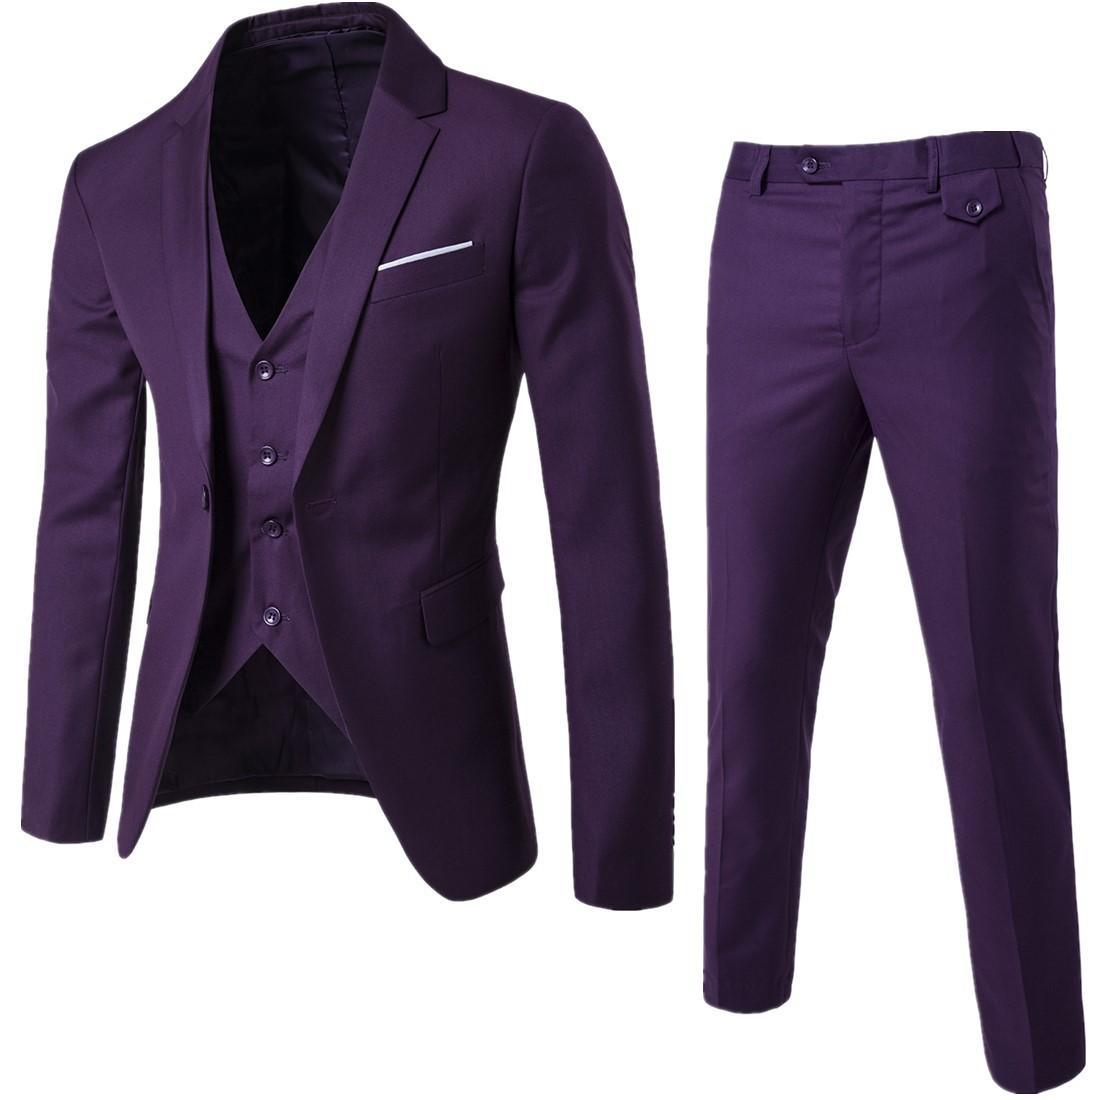 Deep Purple Male Drei Stücke Herren Anzüge Slim Fit Einreiher Männer Hochzeit Anzüge nach Maß Wedding Smoking-Klage-Sätze (Vest + Pants + Blazer)